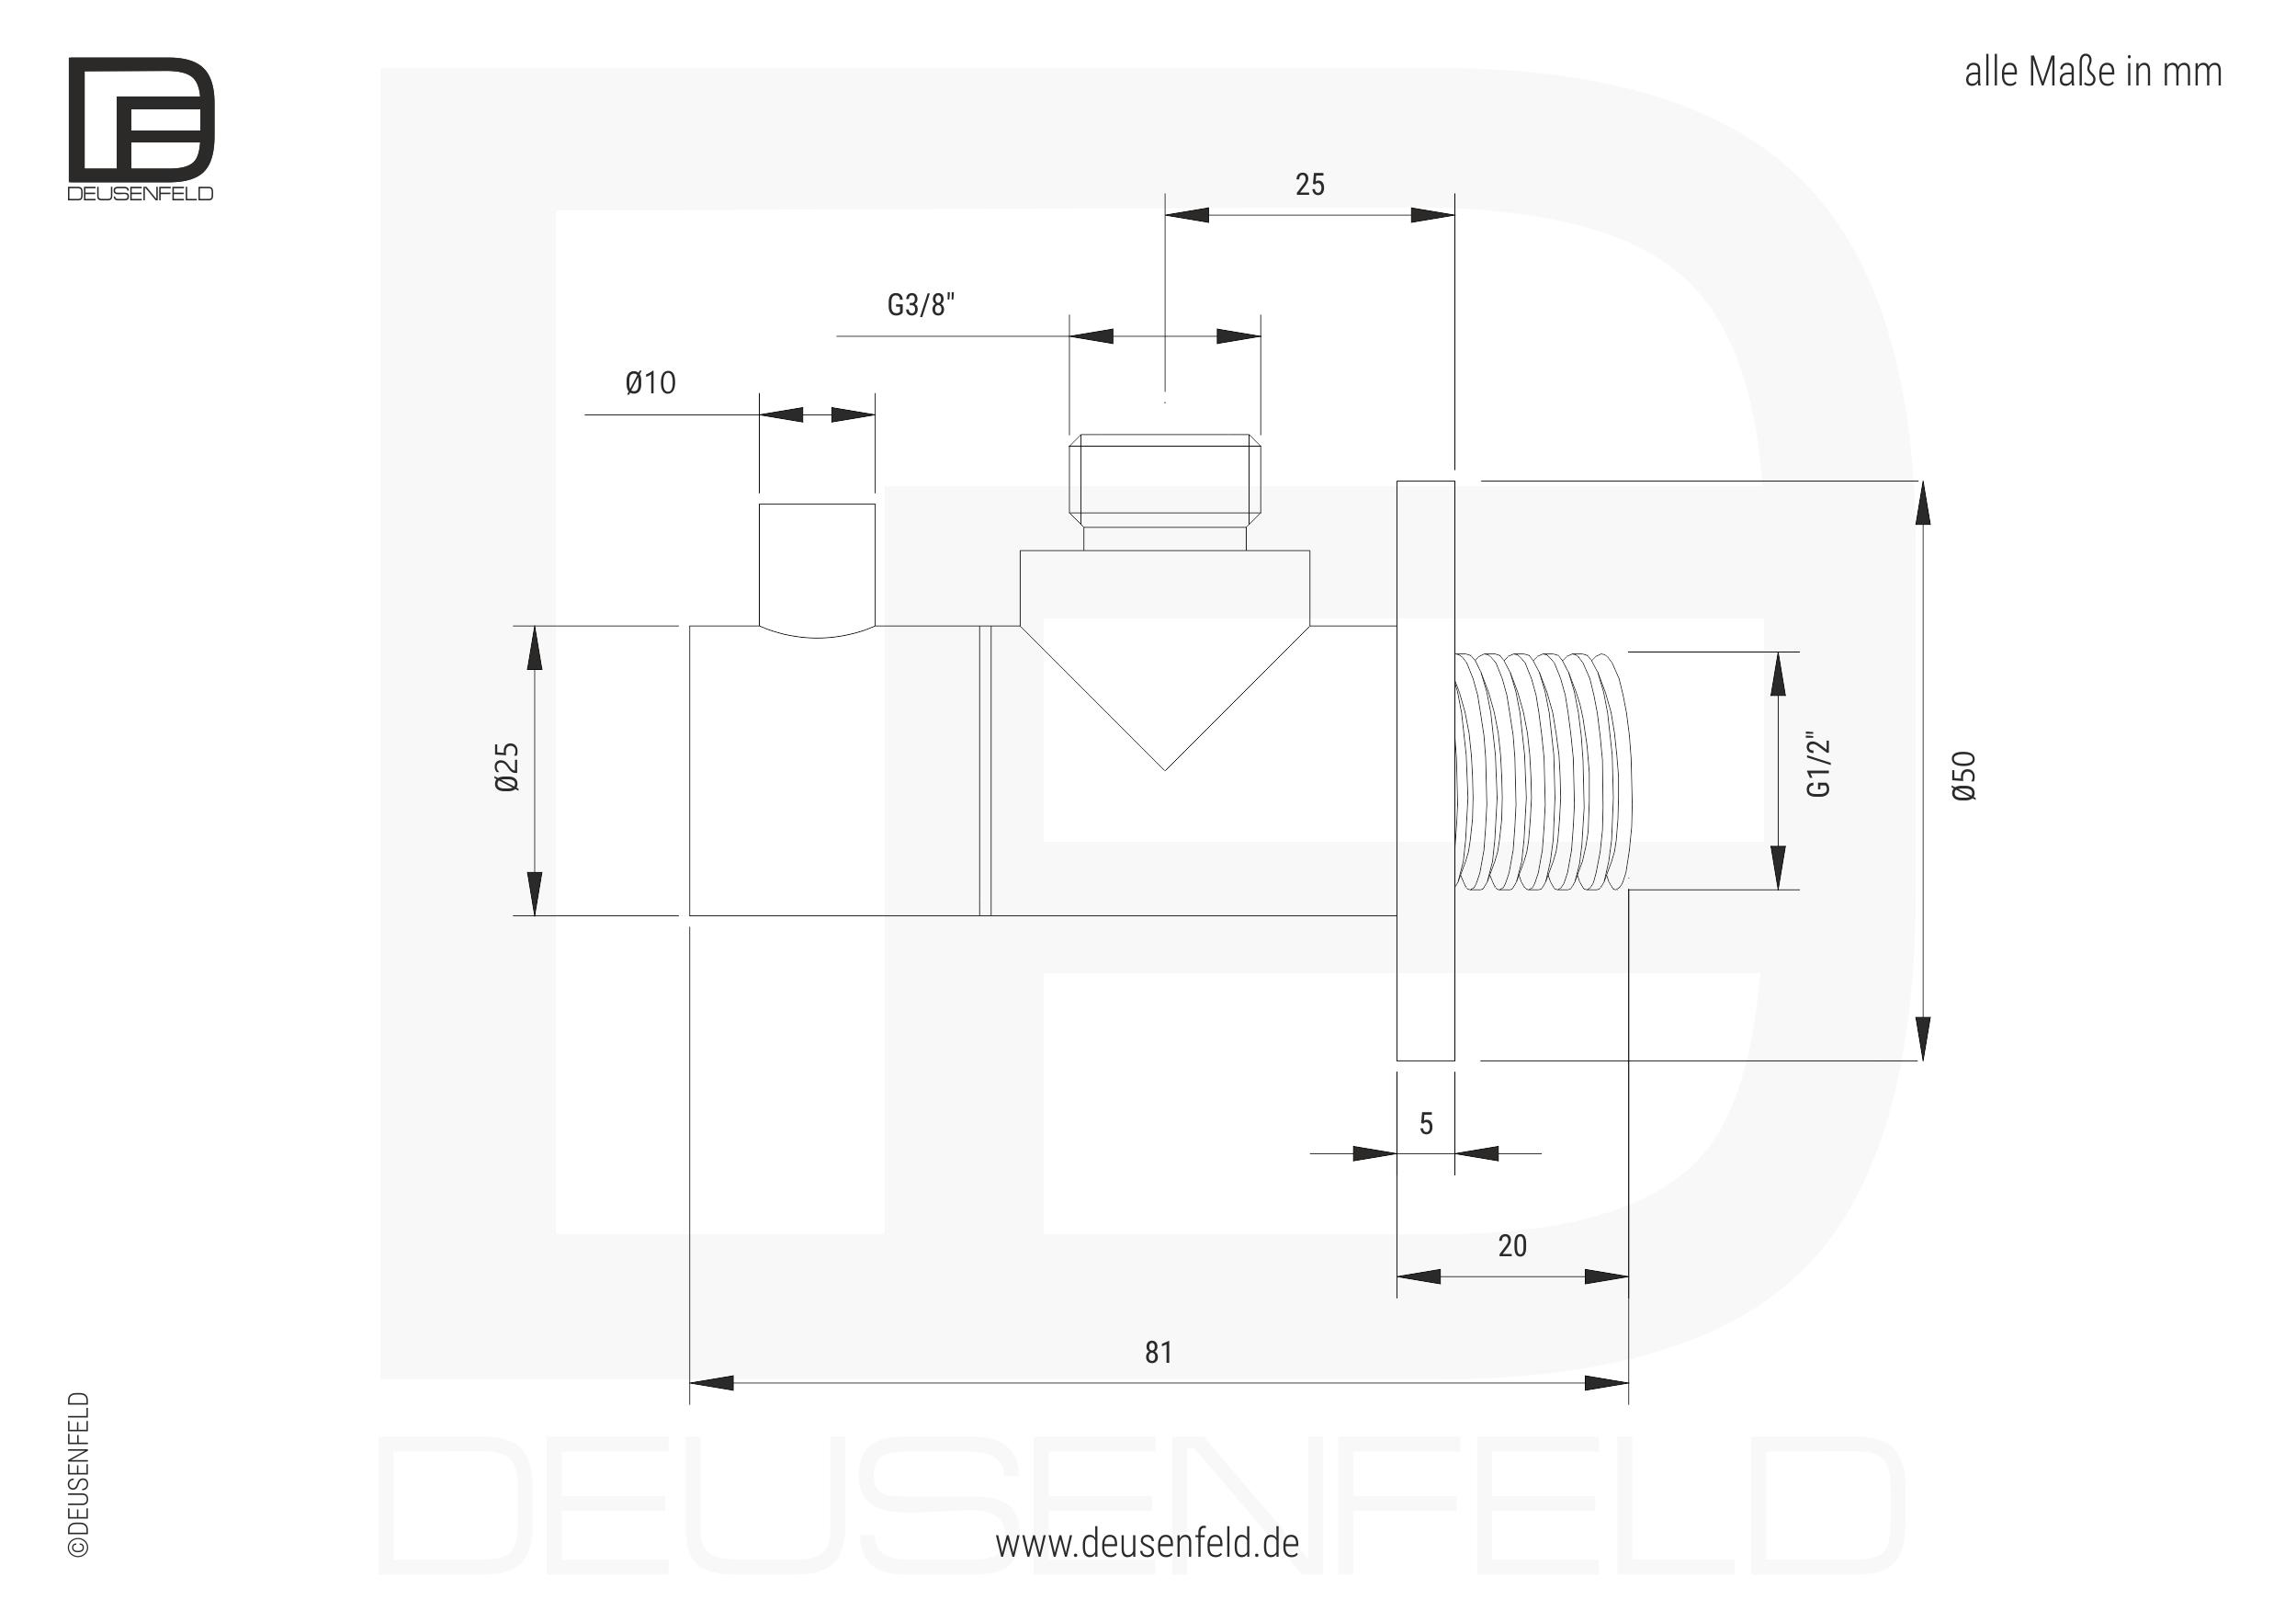 """DEUSENFELD design Edelstahl Eckventil Set """"M8"""" massiv matt"""